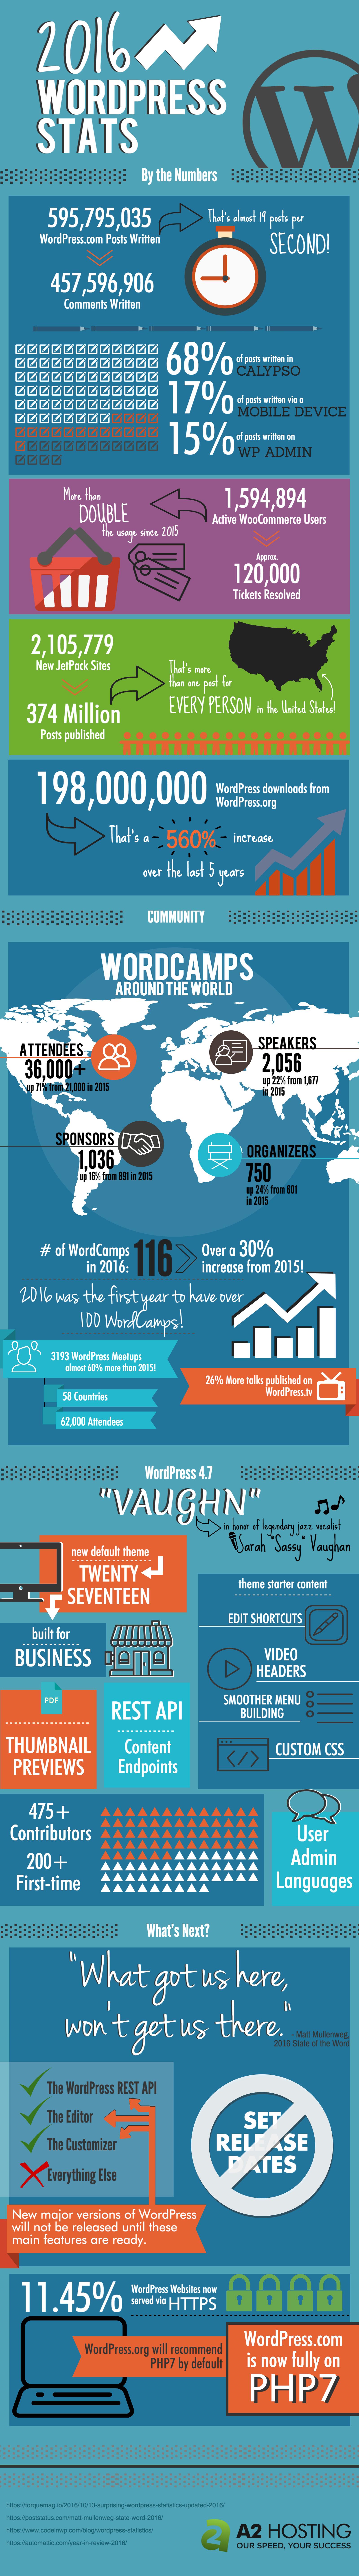 2016 WordPress Stats